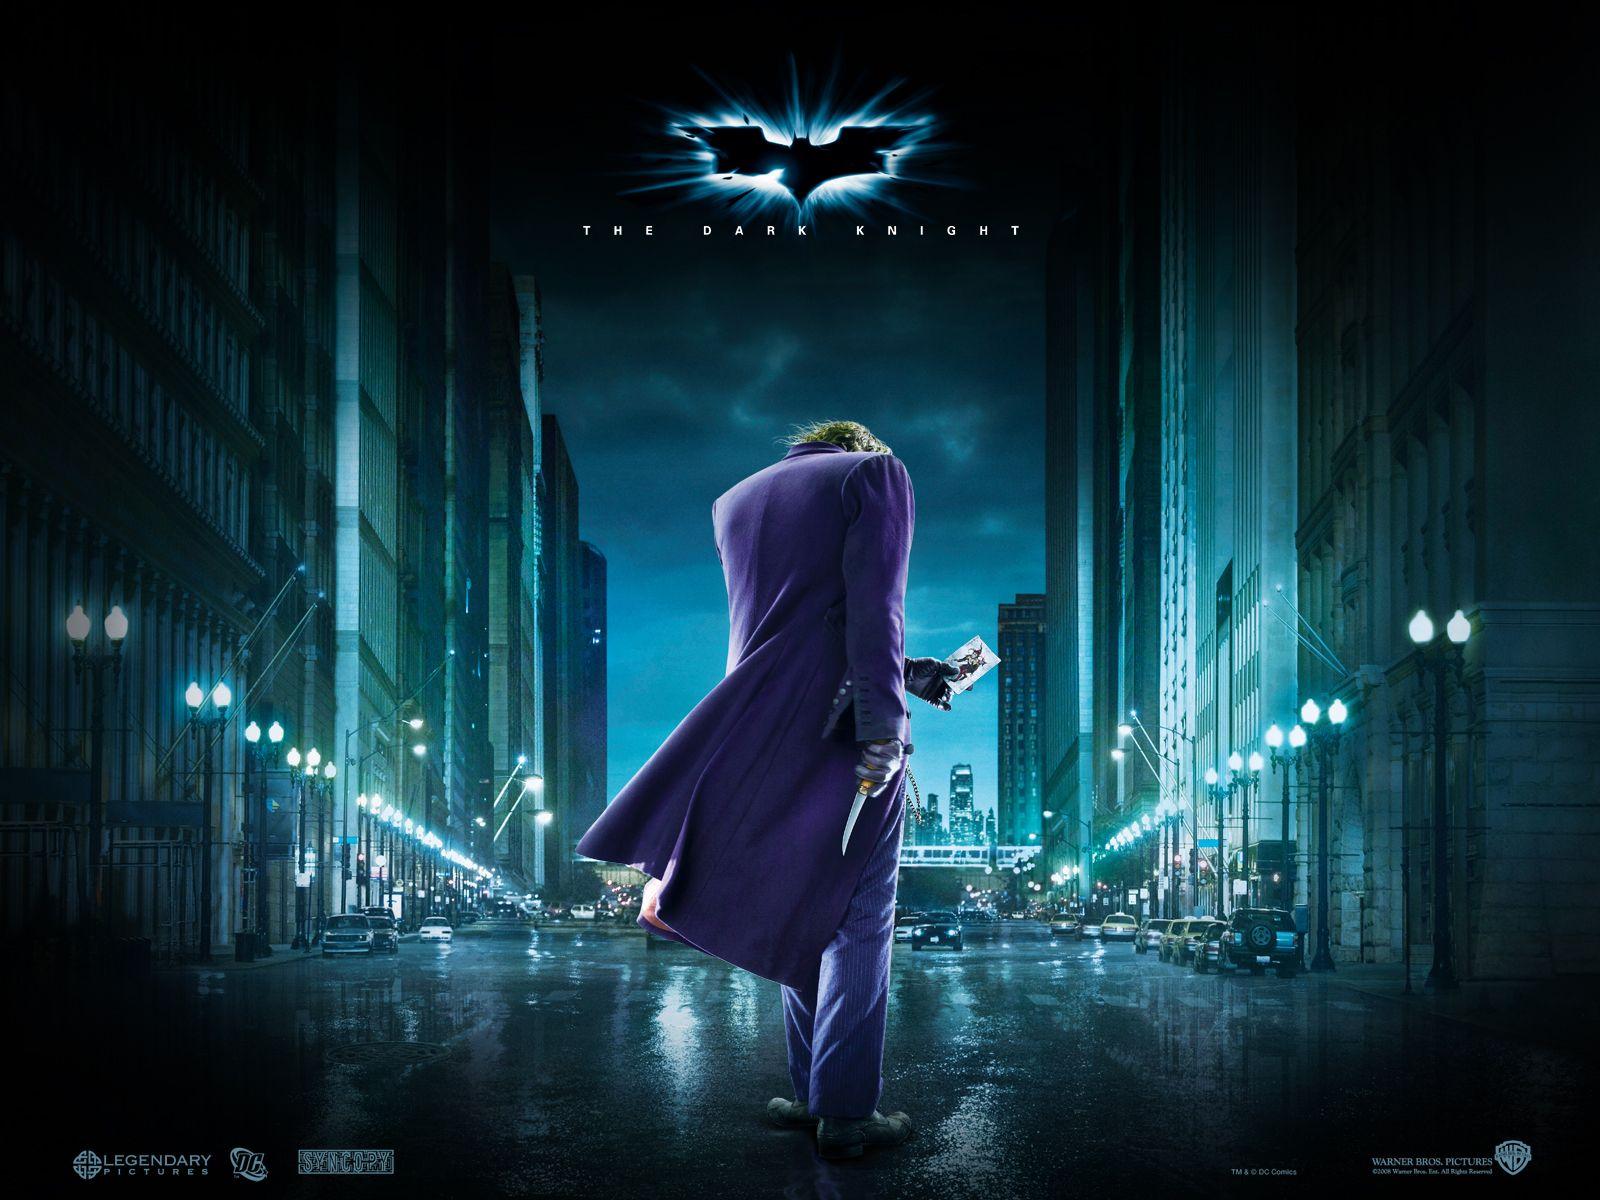 http://1.bp.blogspot.com/-PtjivPTycK8/TjJH__8GCBI/AAAAAAAAAC8/d3gDIEdY8Gg/s1600/Joker.jpg